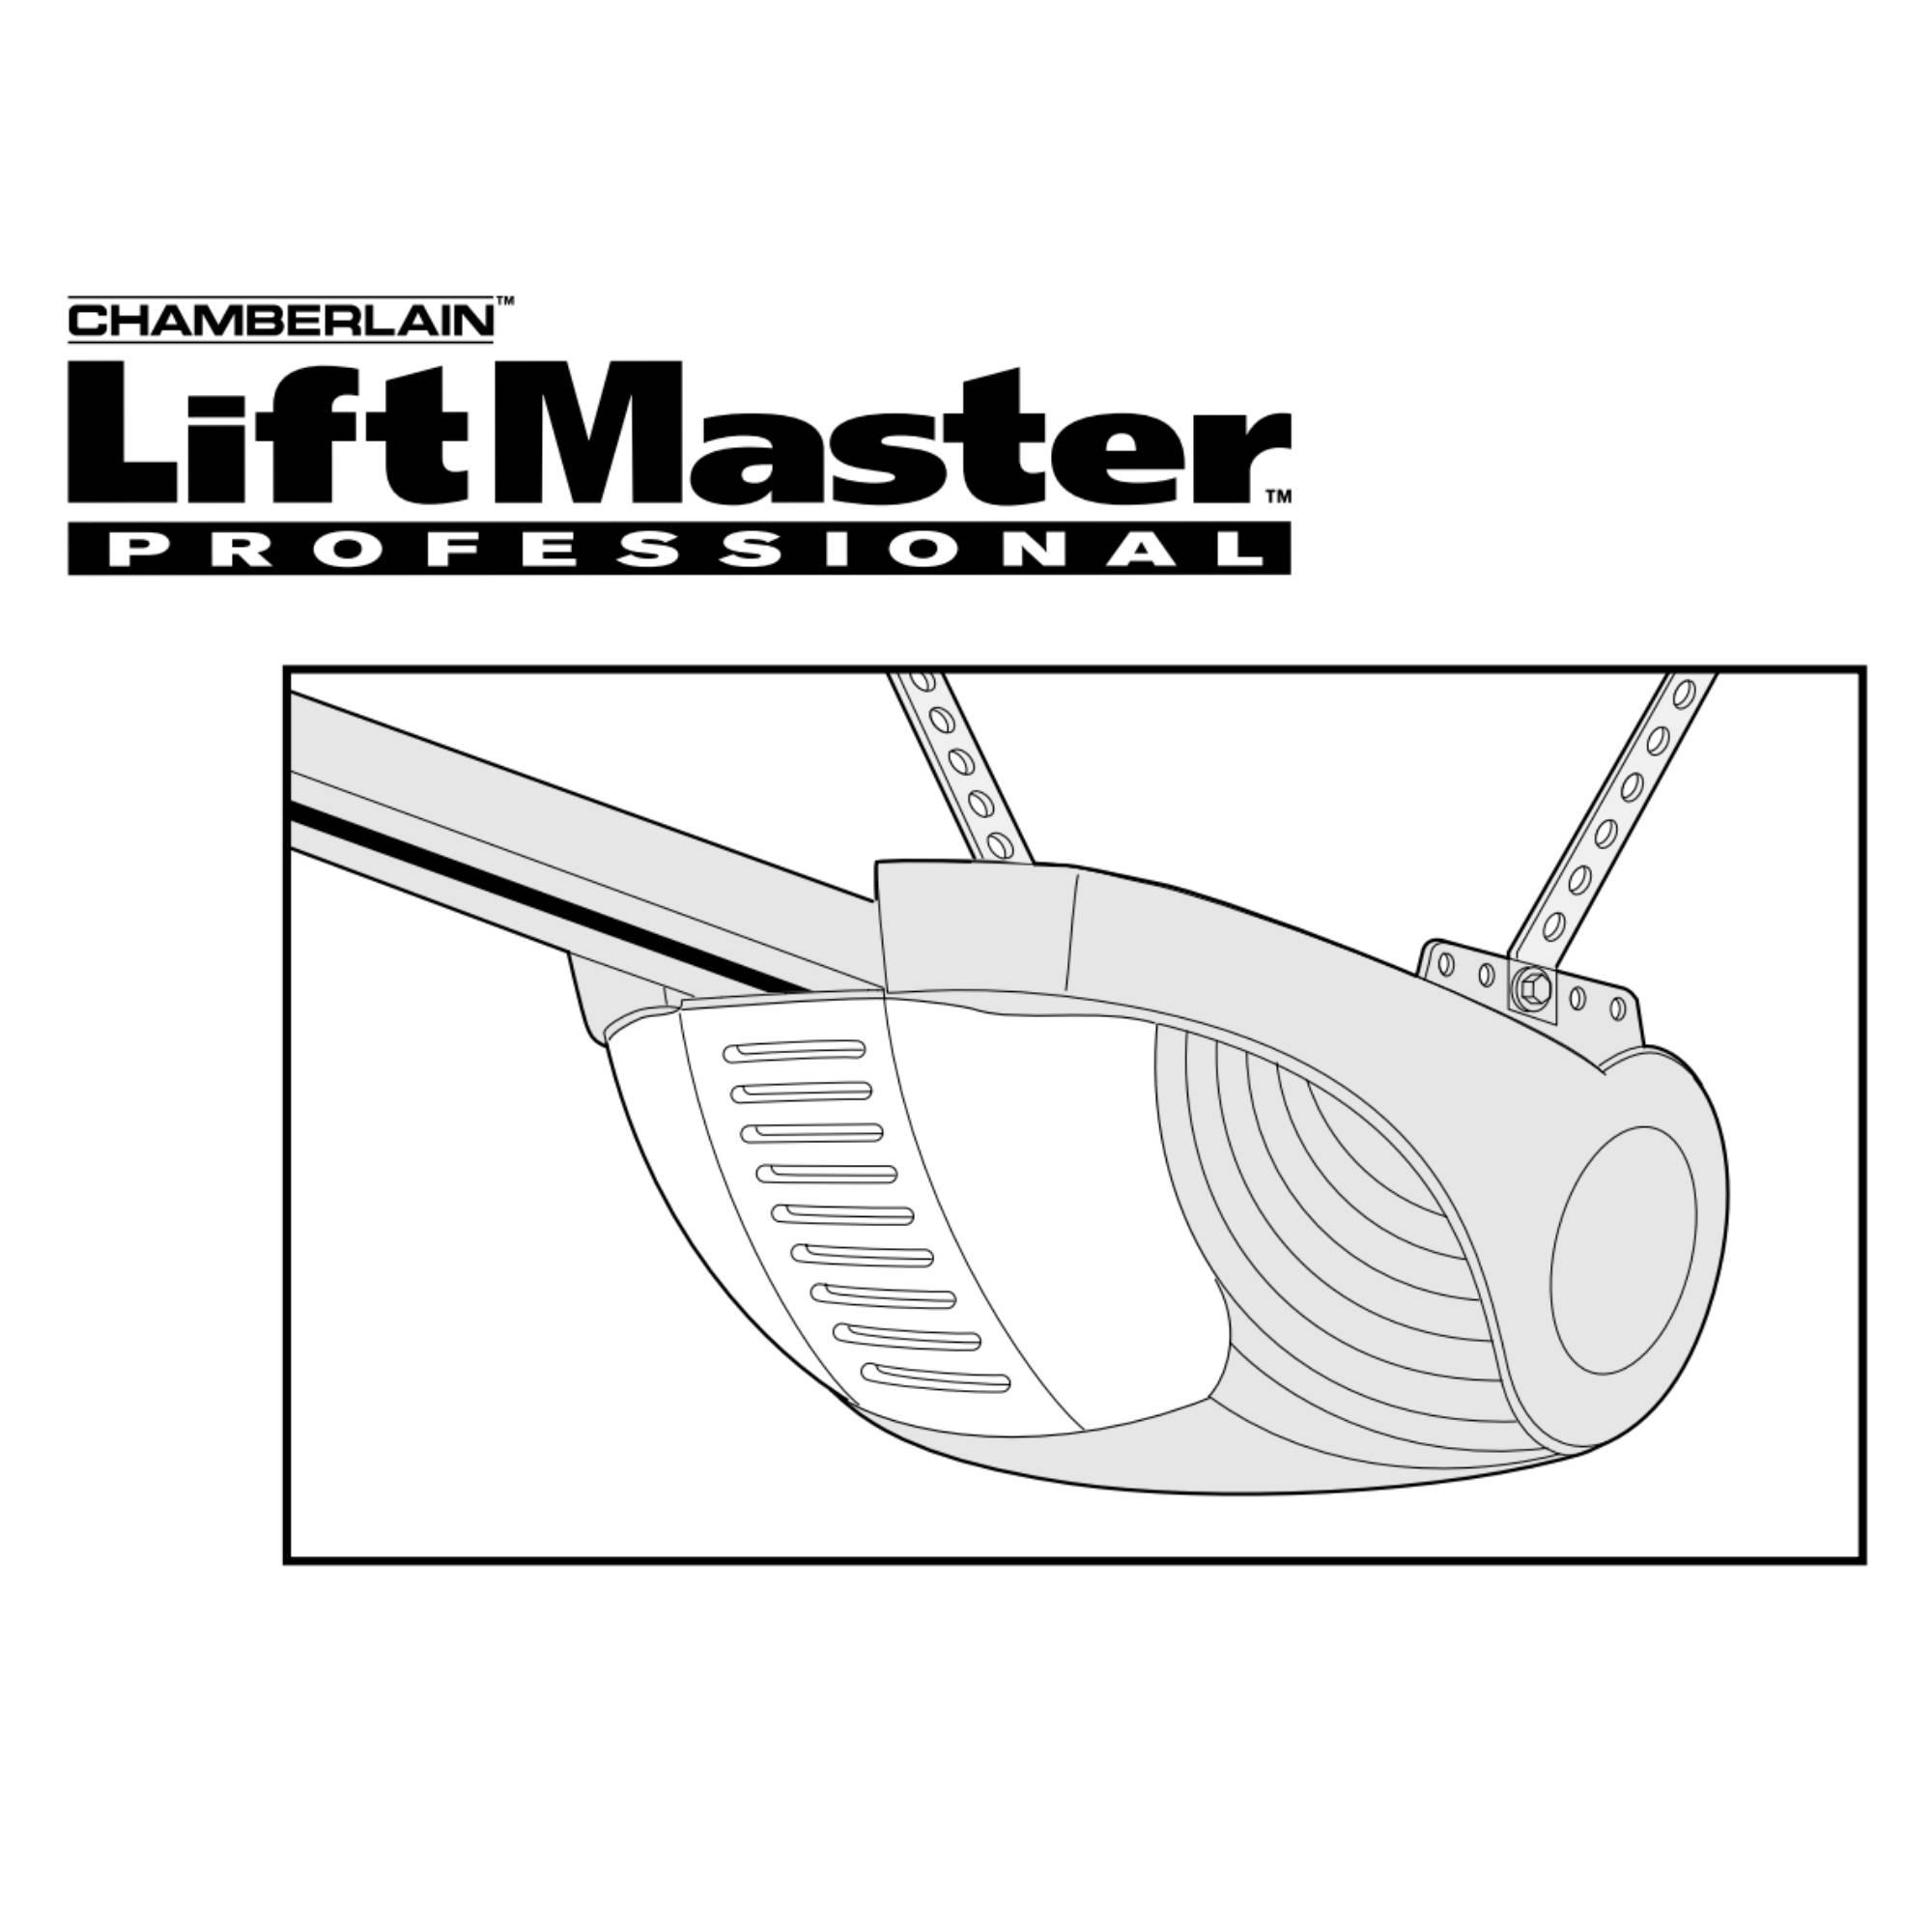 Instruksjoner for portåpner Liftmaster 1000